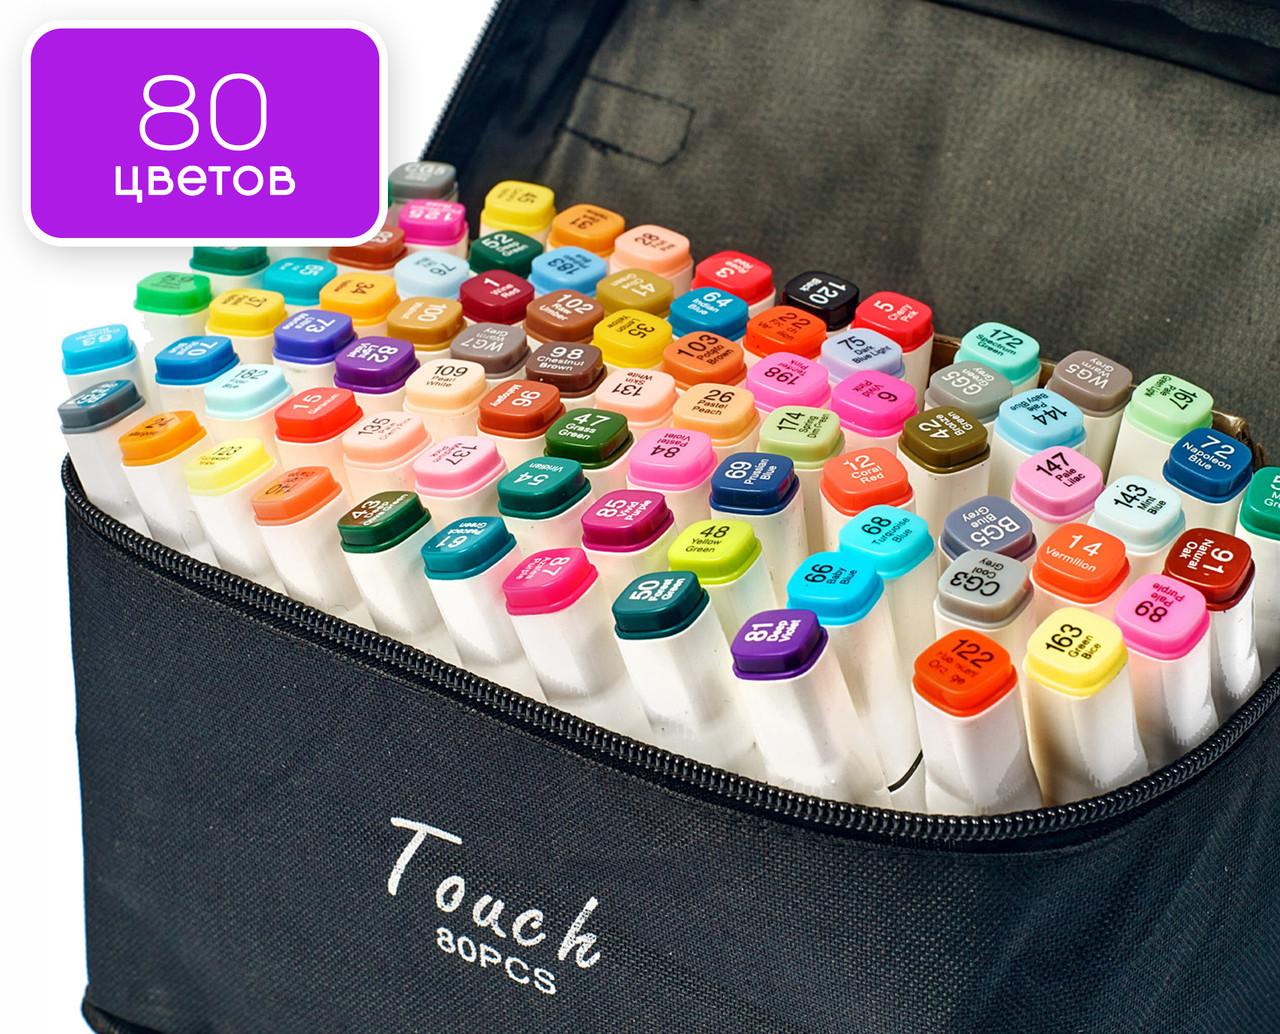 Набір спиртових маркерів для скетчів Touch Sketch 80 шт, Художні Двосторонні маркери для малювання